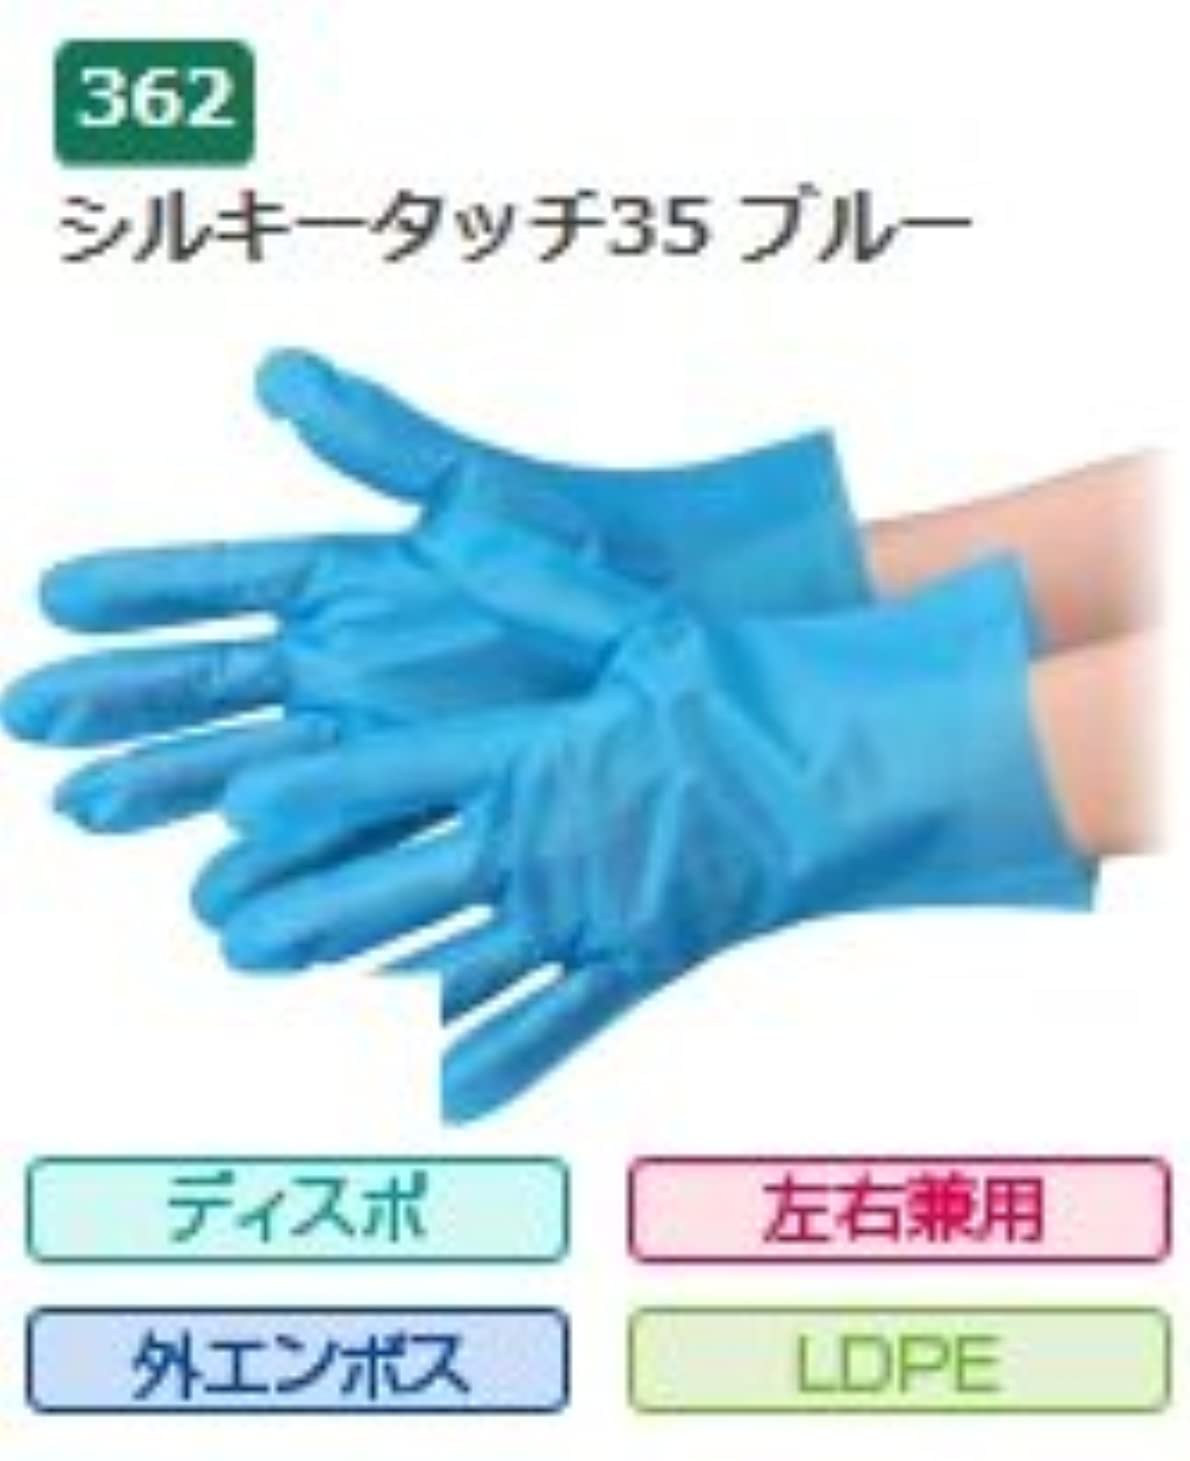 顎孤独プーノエブノ ポリエチレン手袋 No.362 M 青 (100枚×50袋) シルキータッチ35 ブルー 袋入